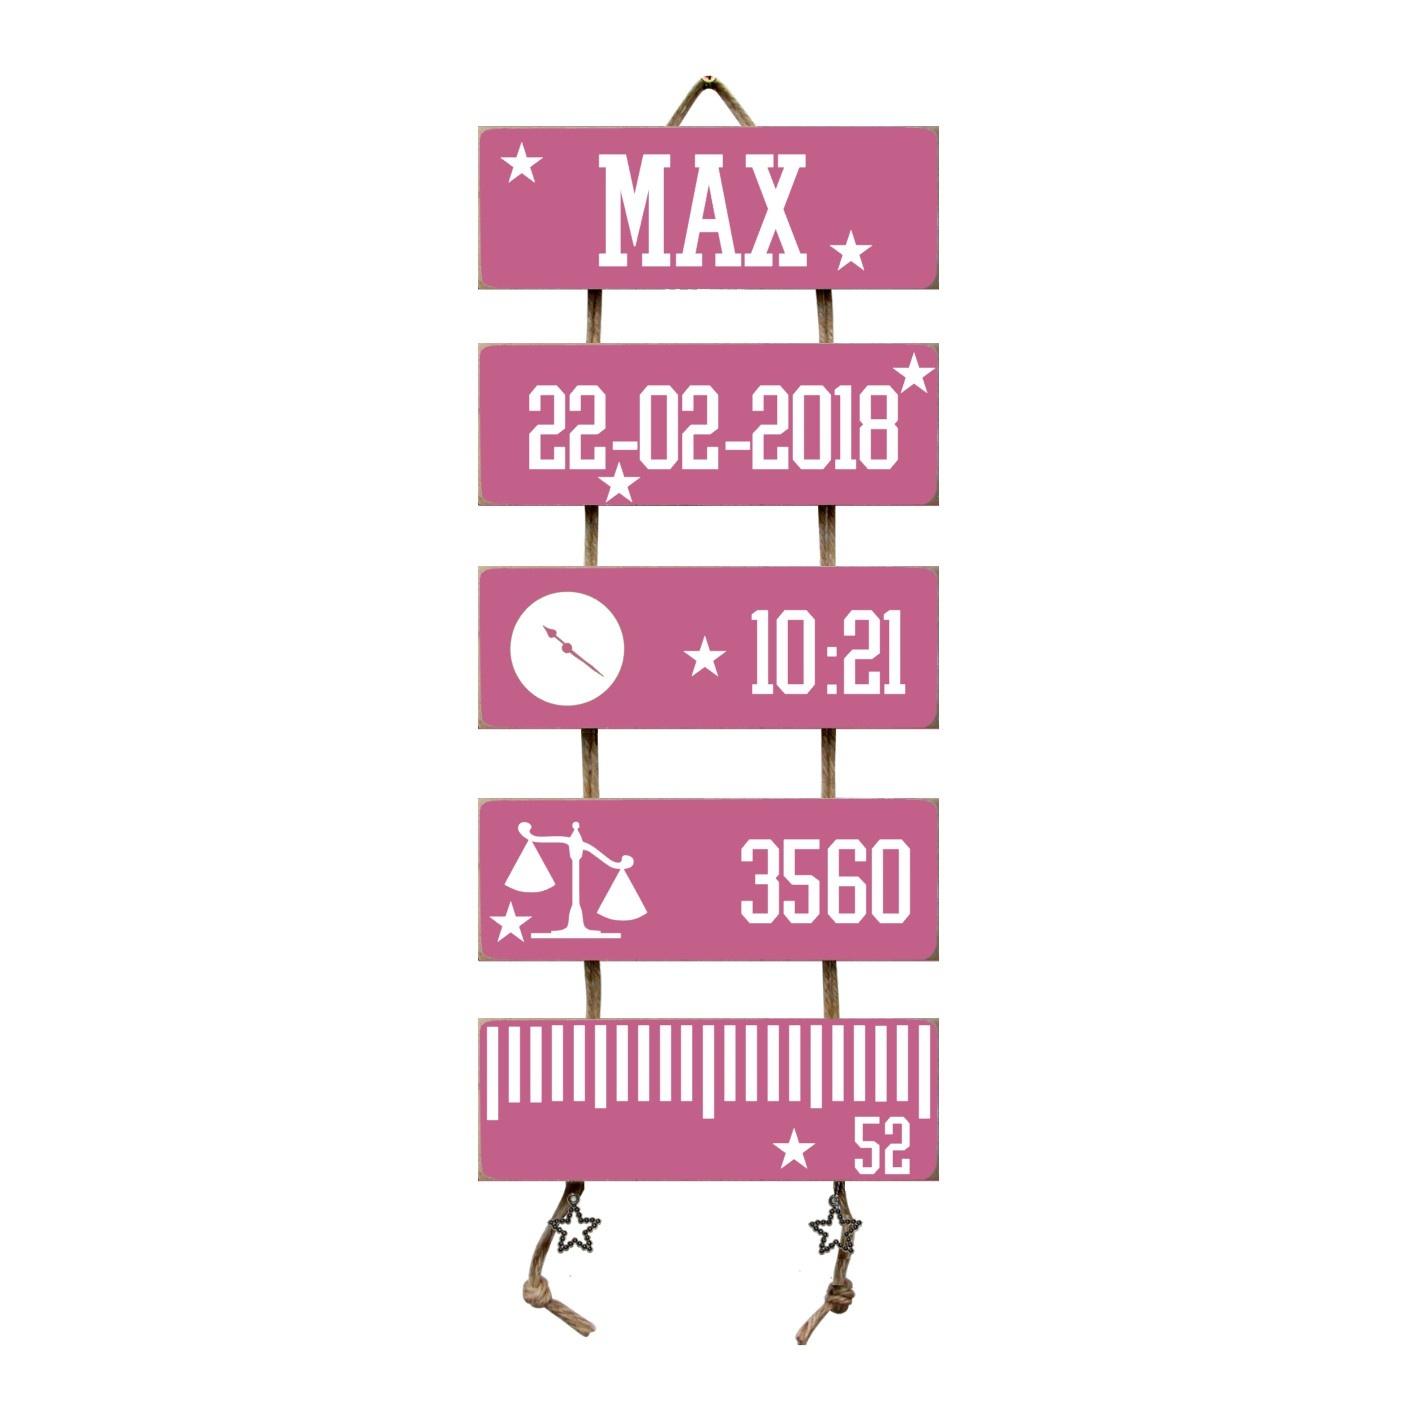 Kraamcadeau Geboorteladder Max donkerroze